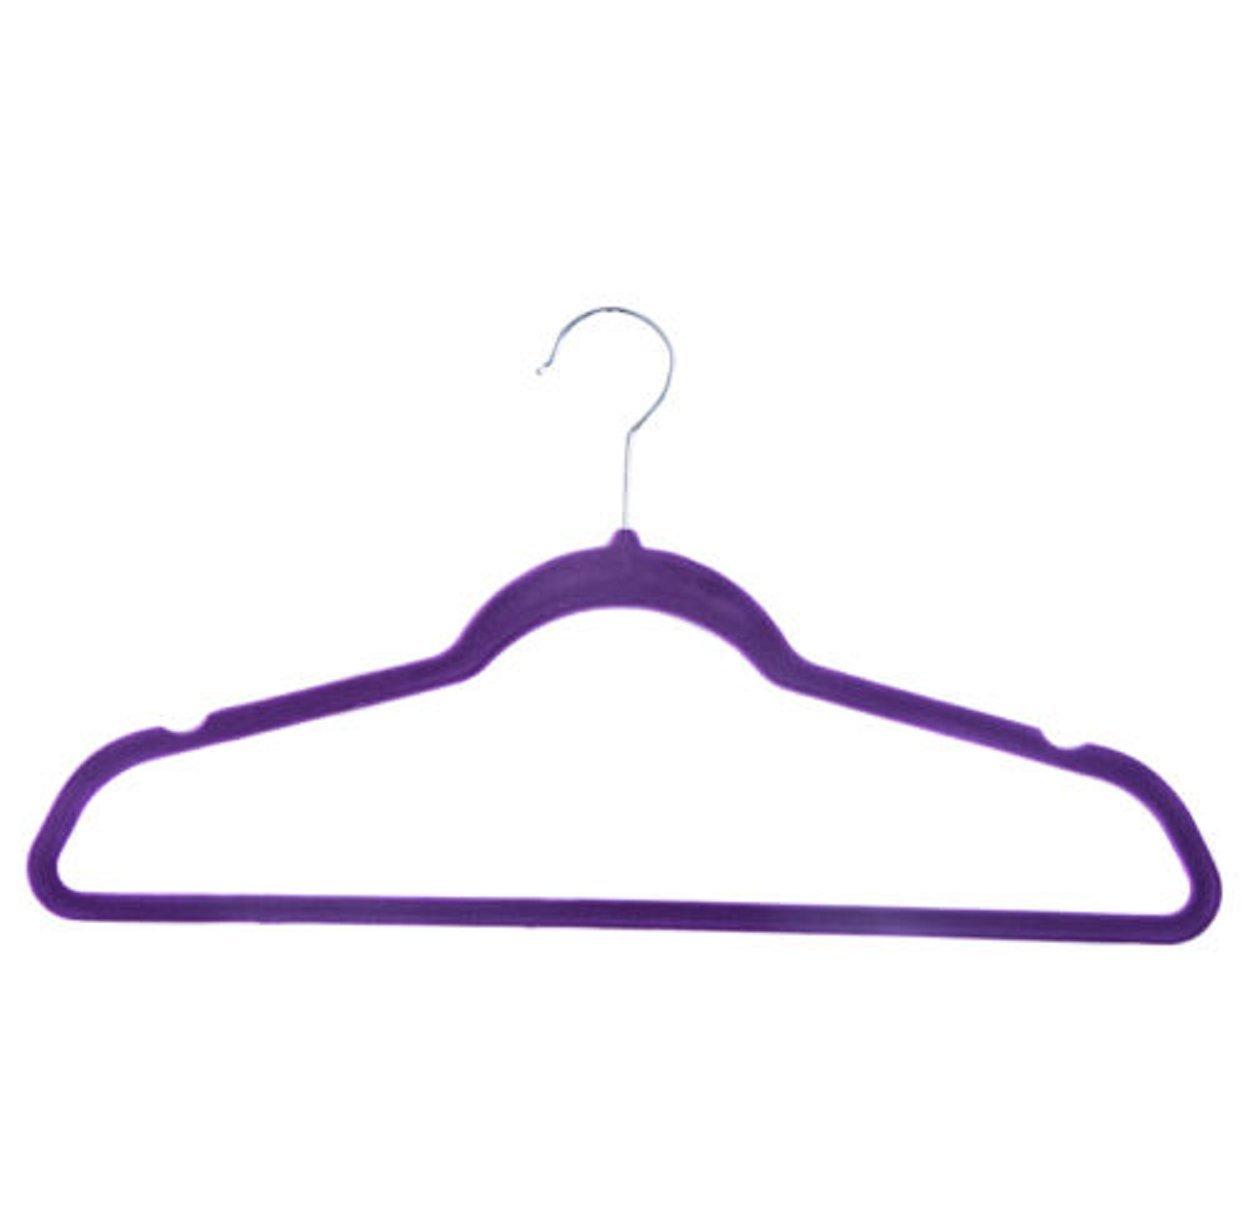 60 PCS Non Slip Velvet Clothes Suit Pants 4 colors the Shape Suit/Shirt/Pants Hangers Multicolor by Phumon567 (Image #5)